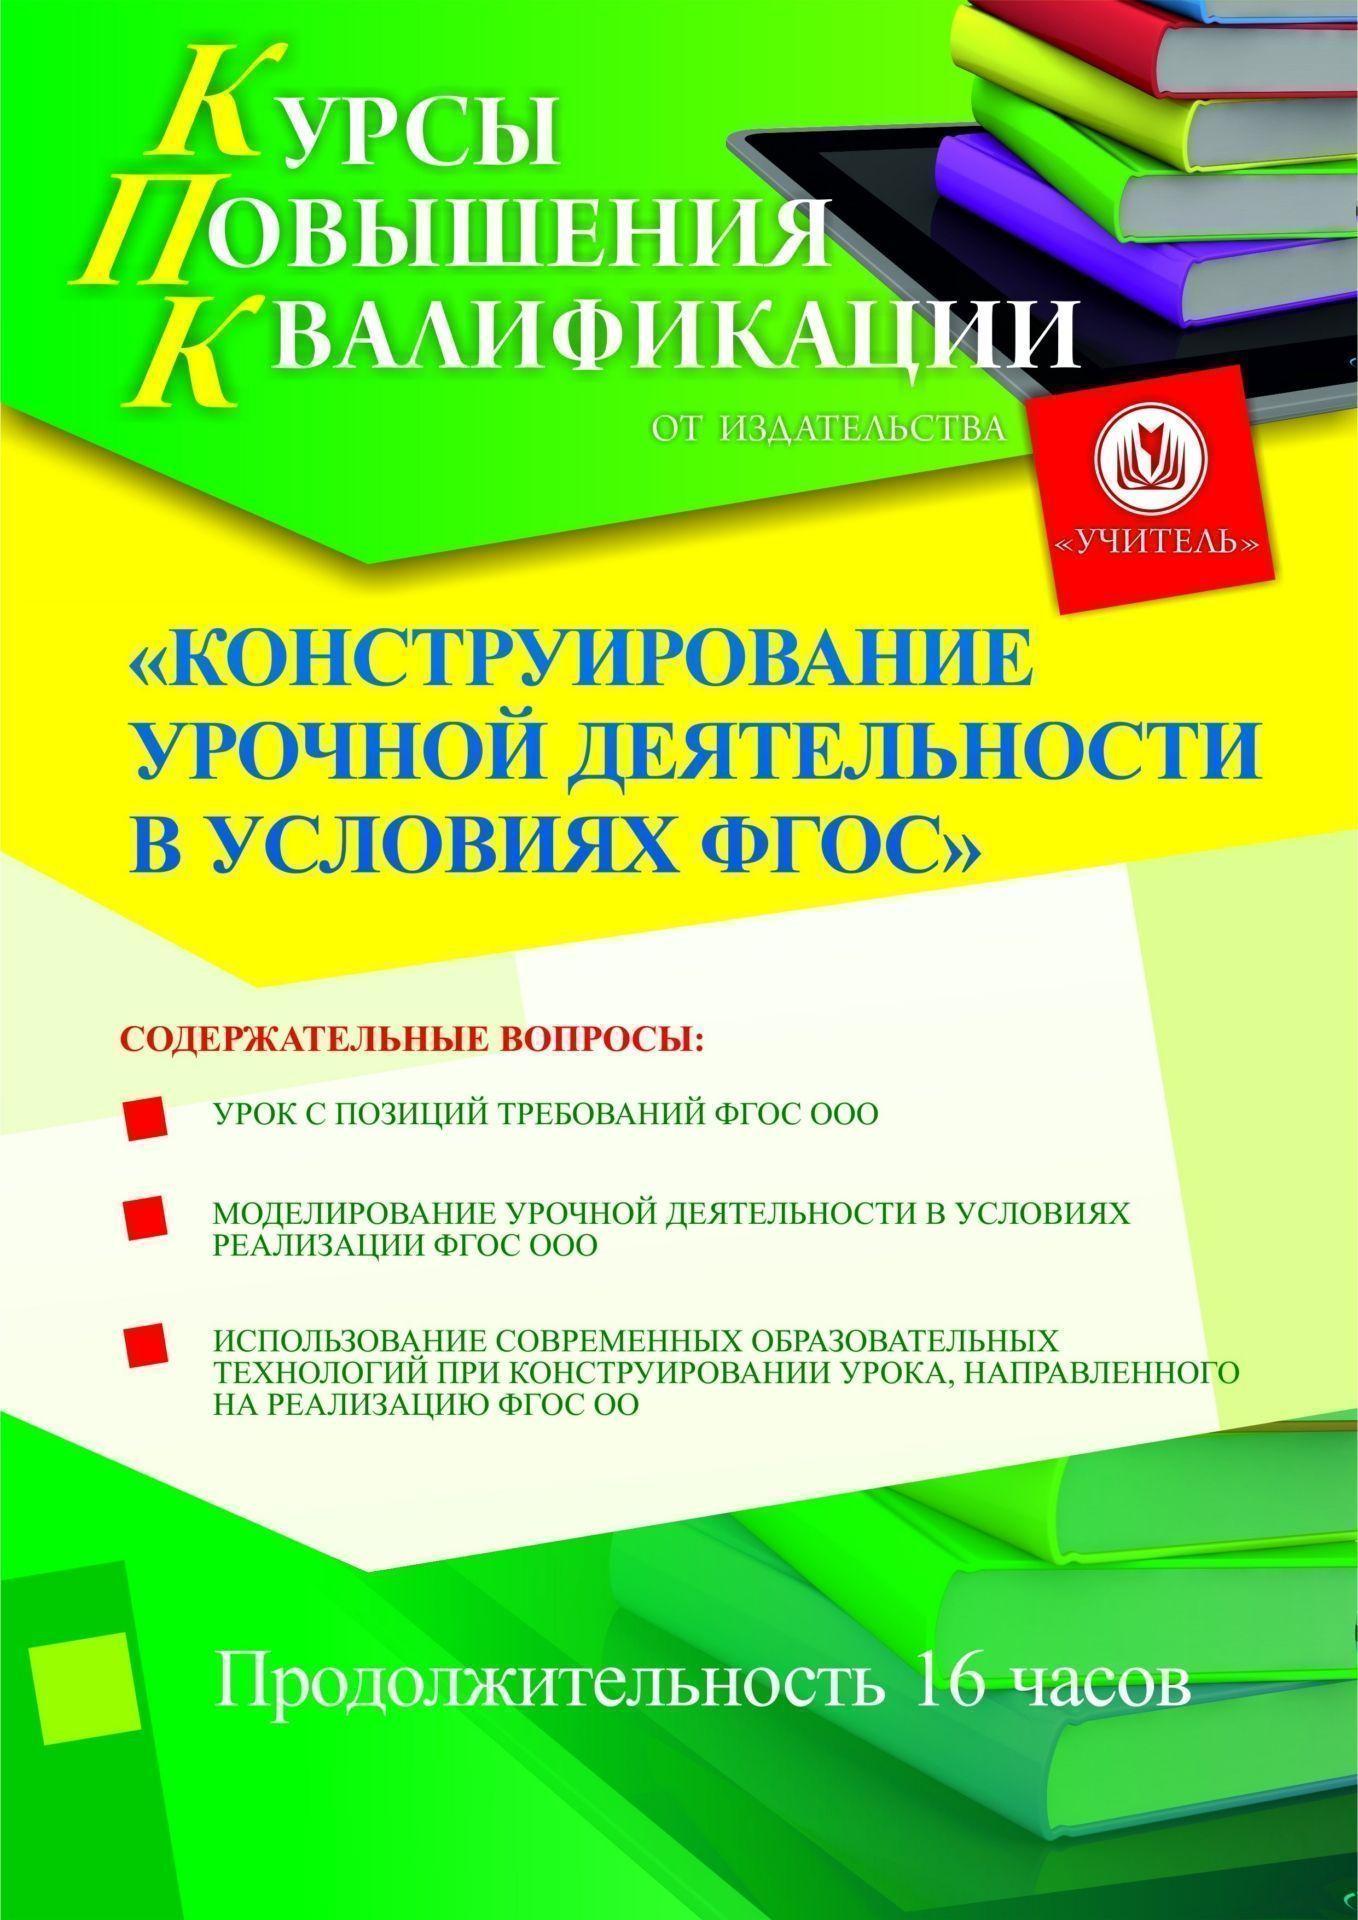 Конструирование урочной деятельности в условиях ФГОС (16 ч.) фото